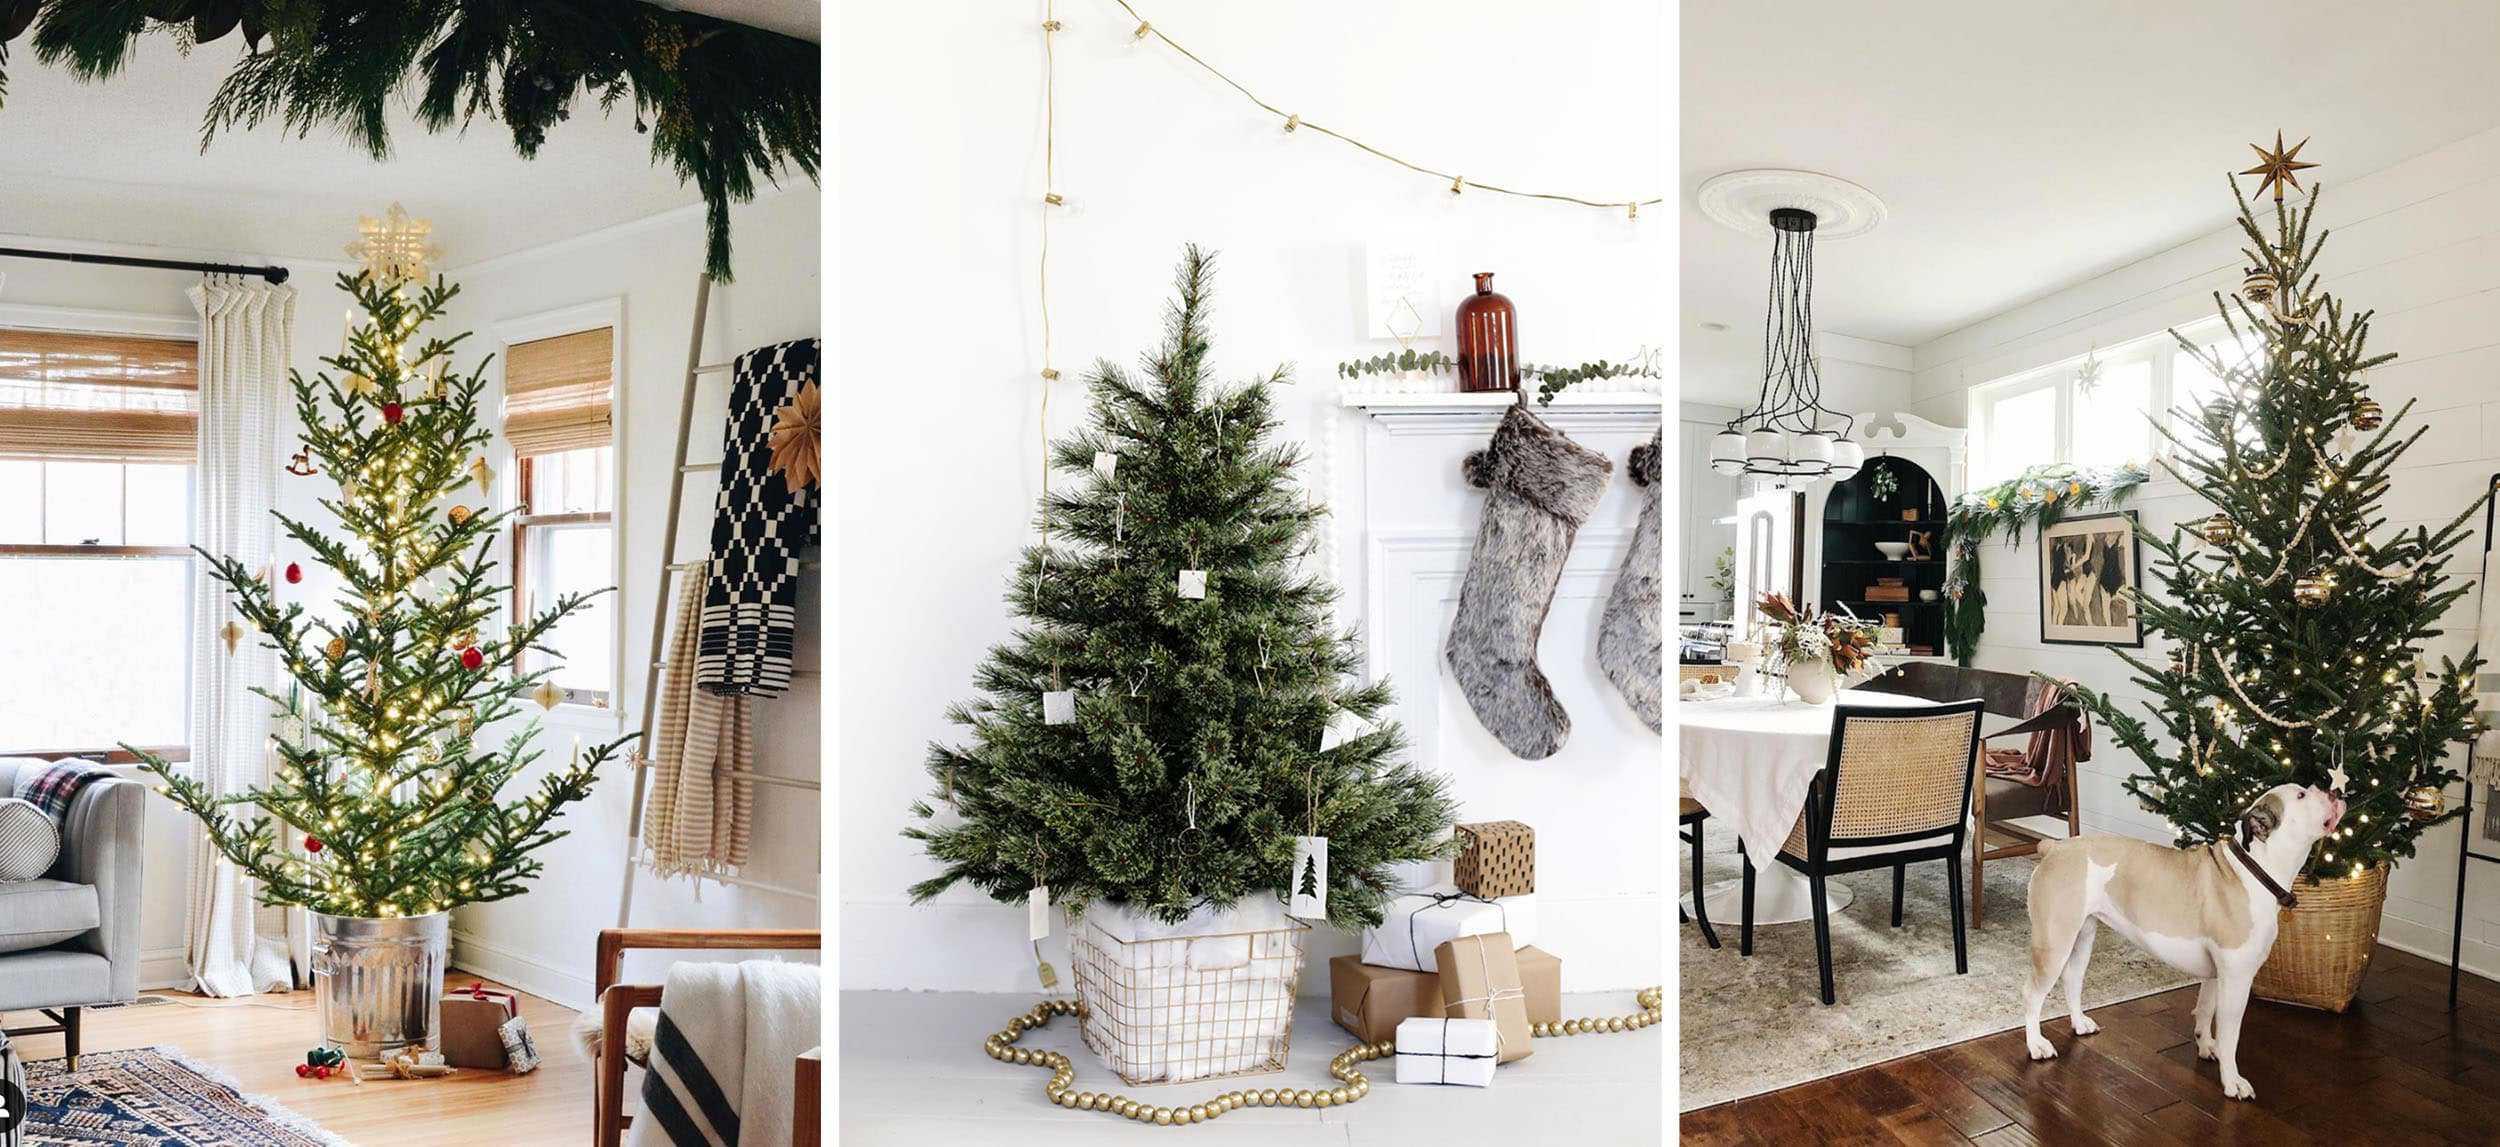 Emily Henderson Holiday 2019 New Decor Ideas Bin Tree